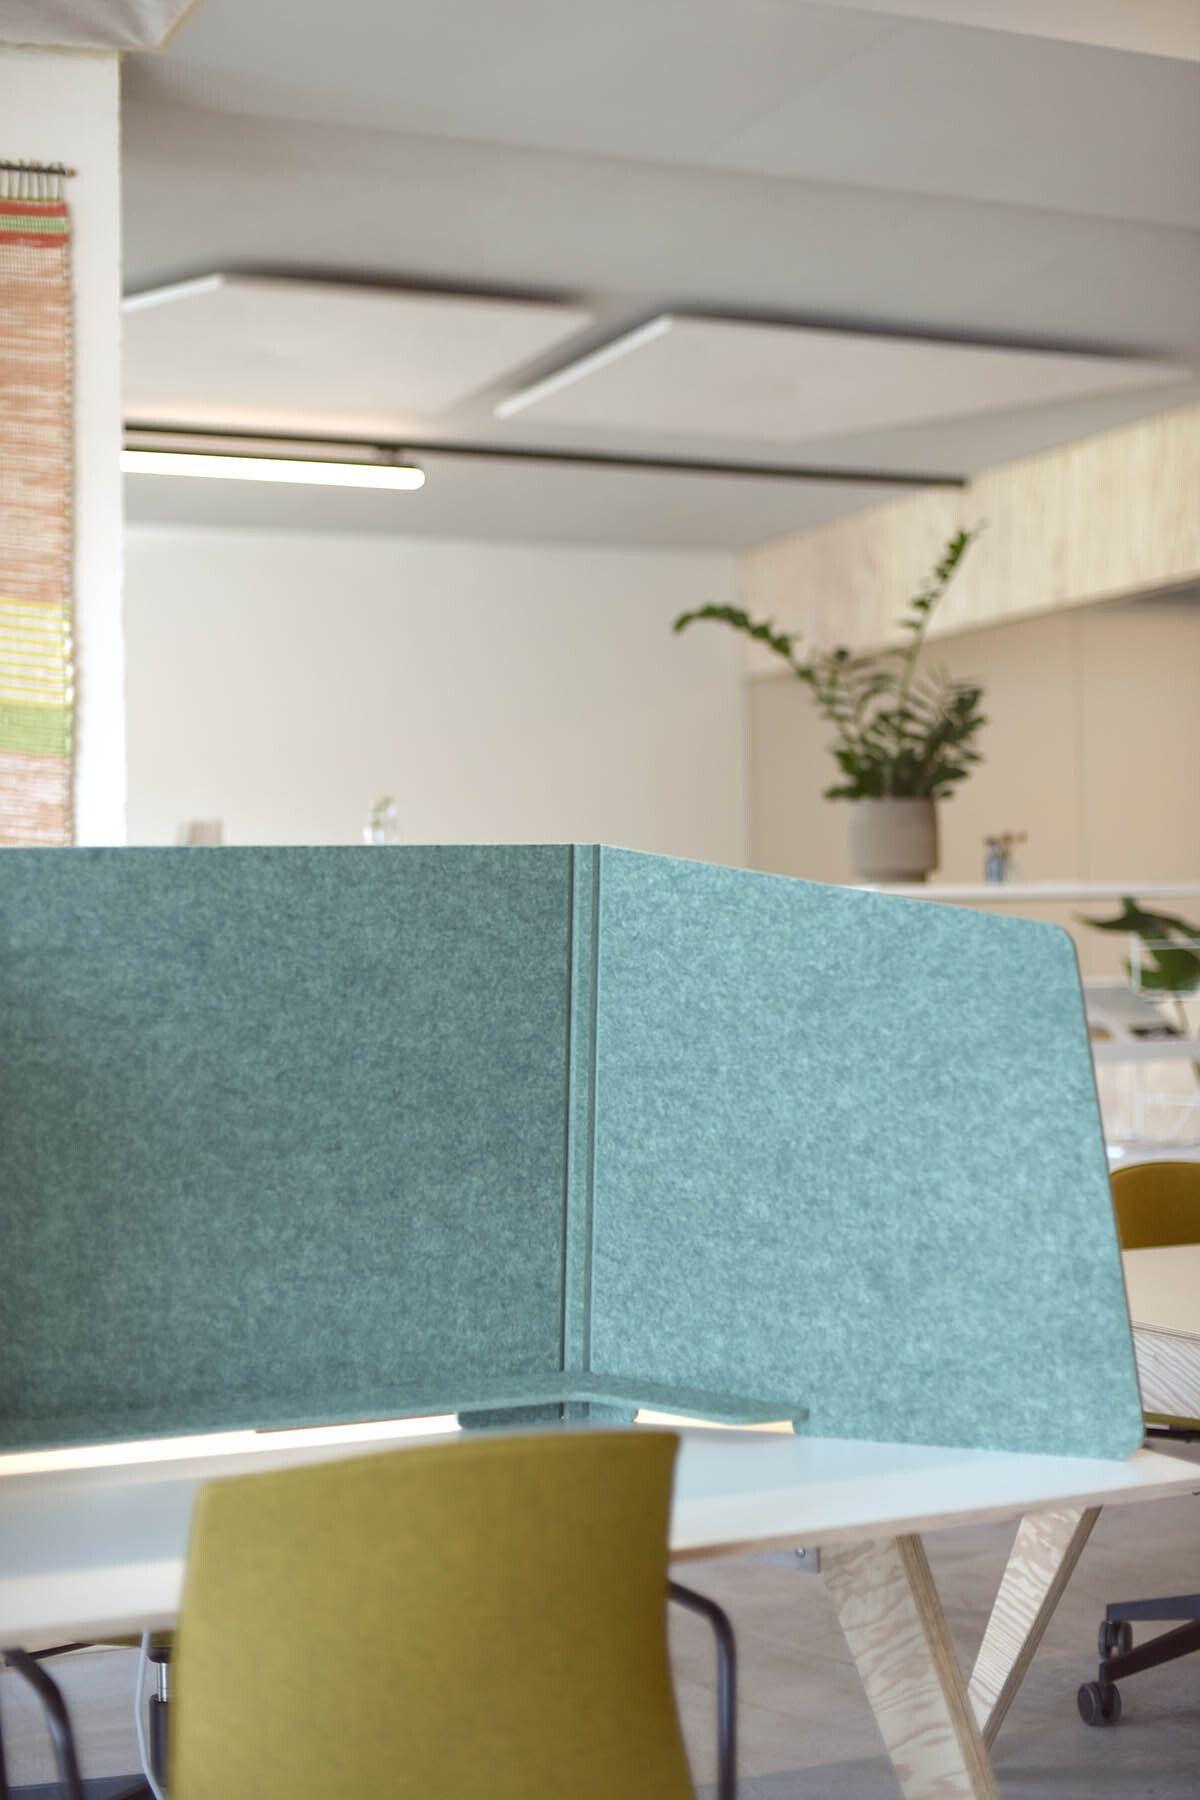 ReFelt PET Felt Workplace Divider Cospire Lausanne LR 3